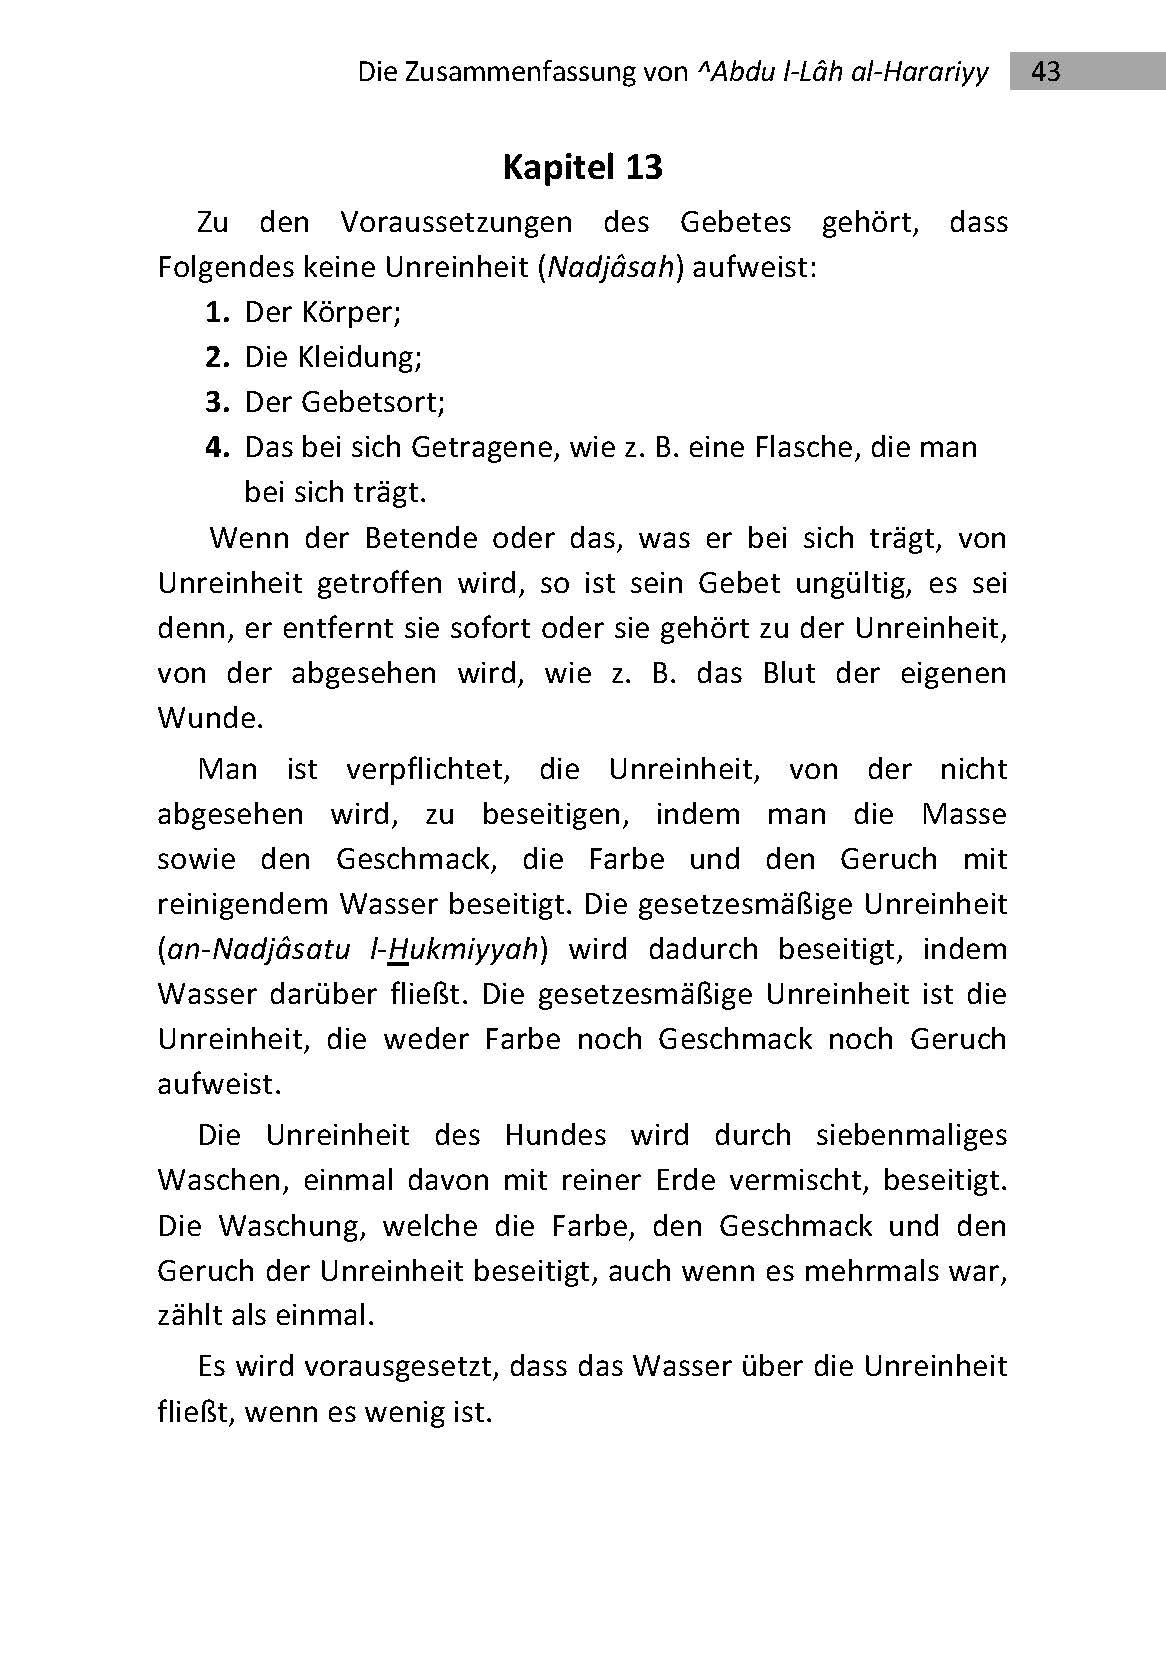 Die Zusammenfassung - 3. Auflage 2014_Seite_43